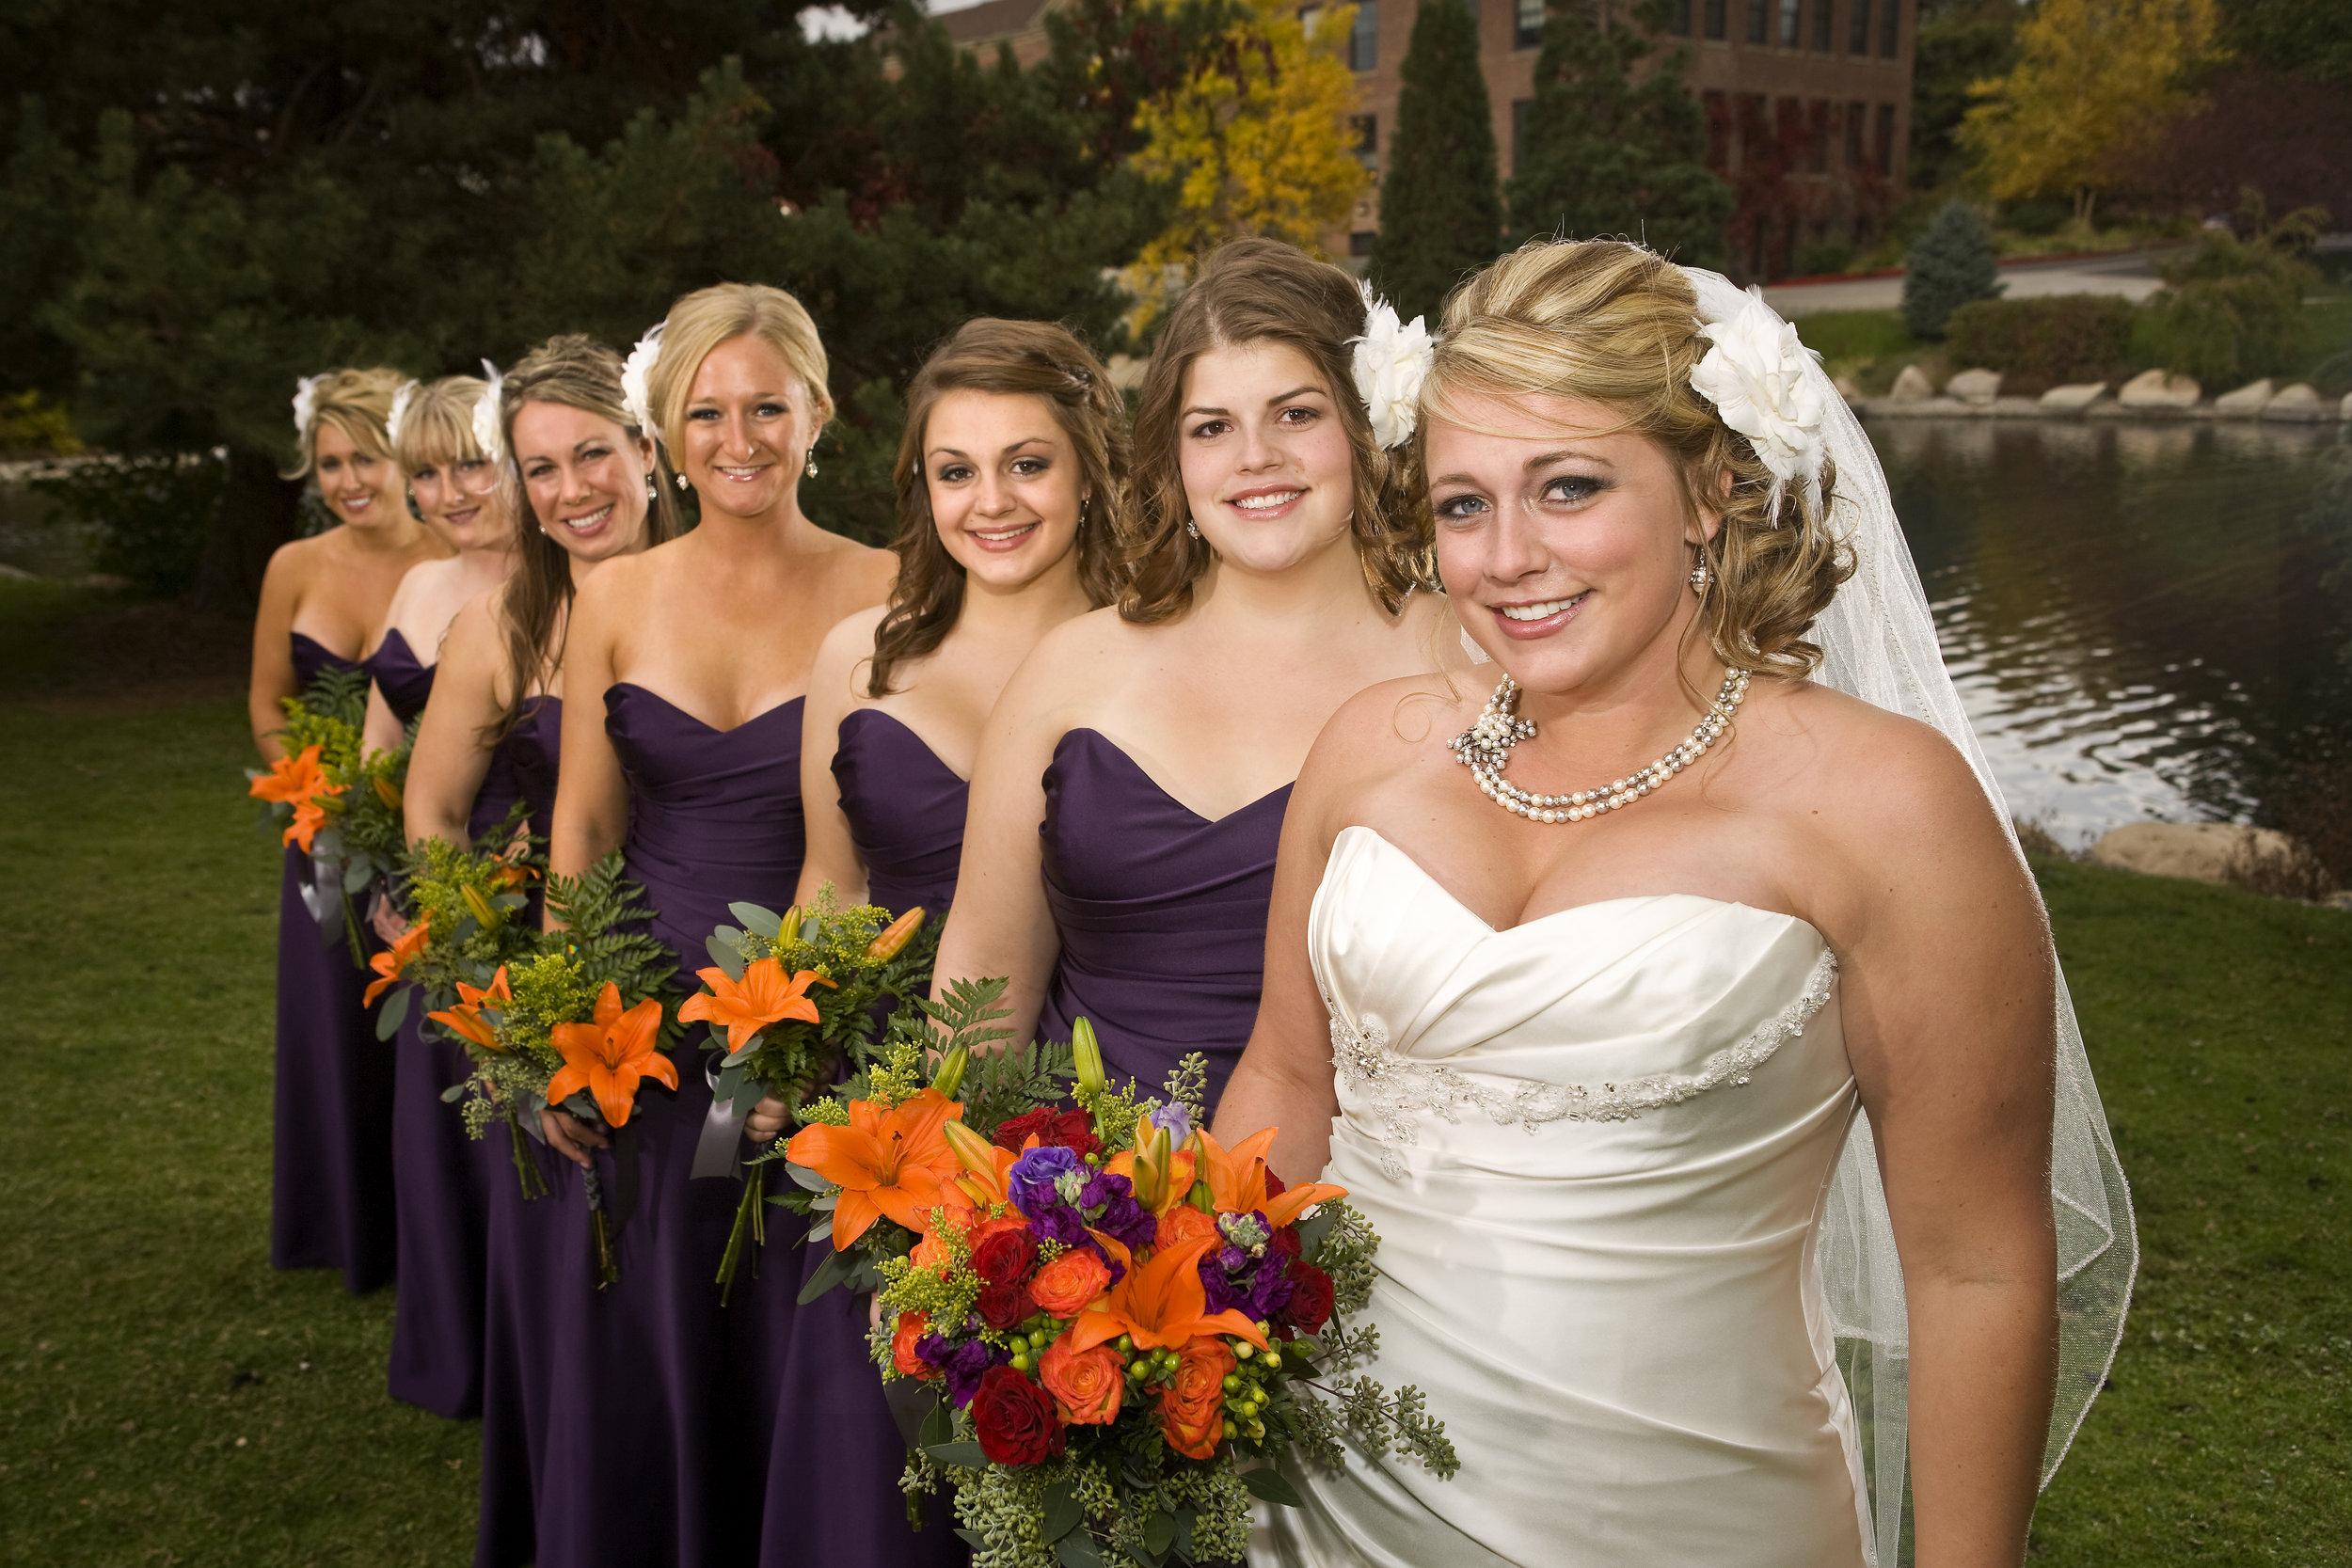 Bride & Bridesmaids12.jpg